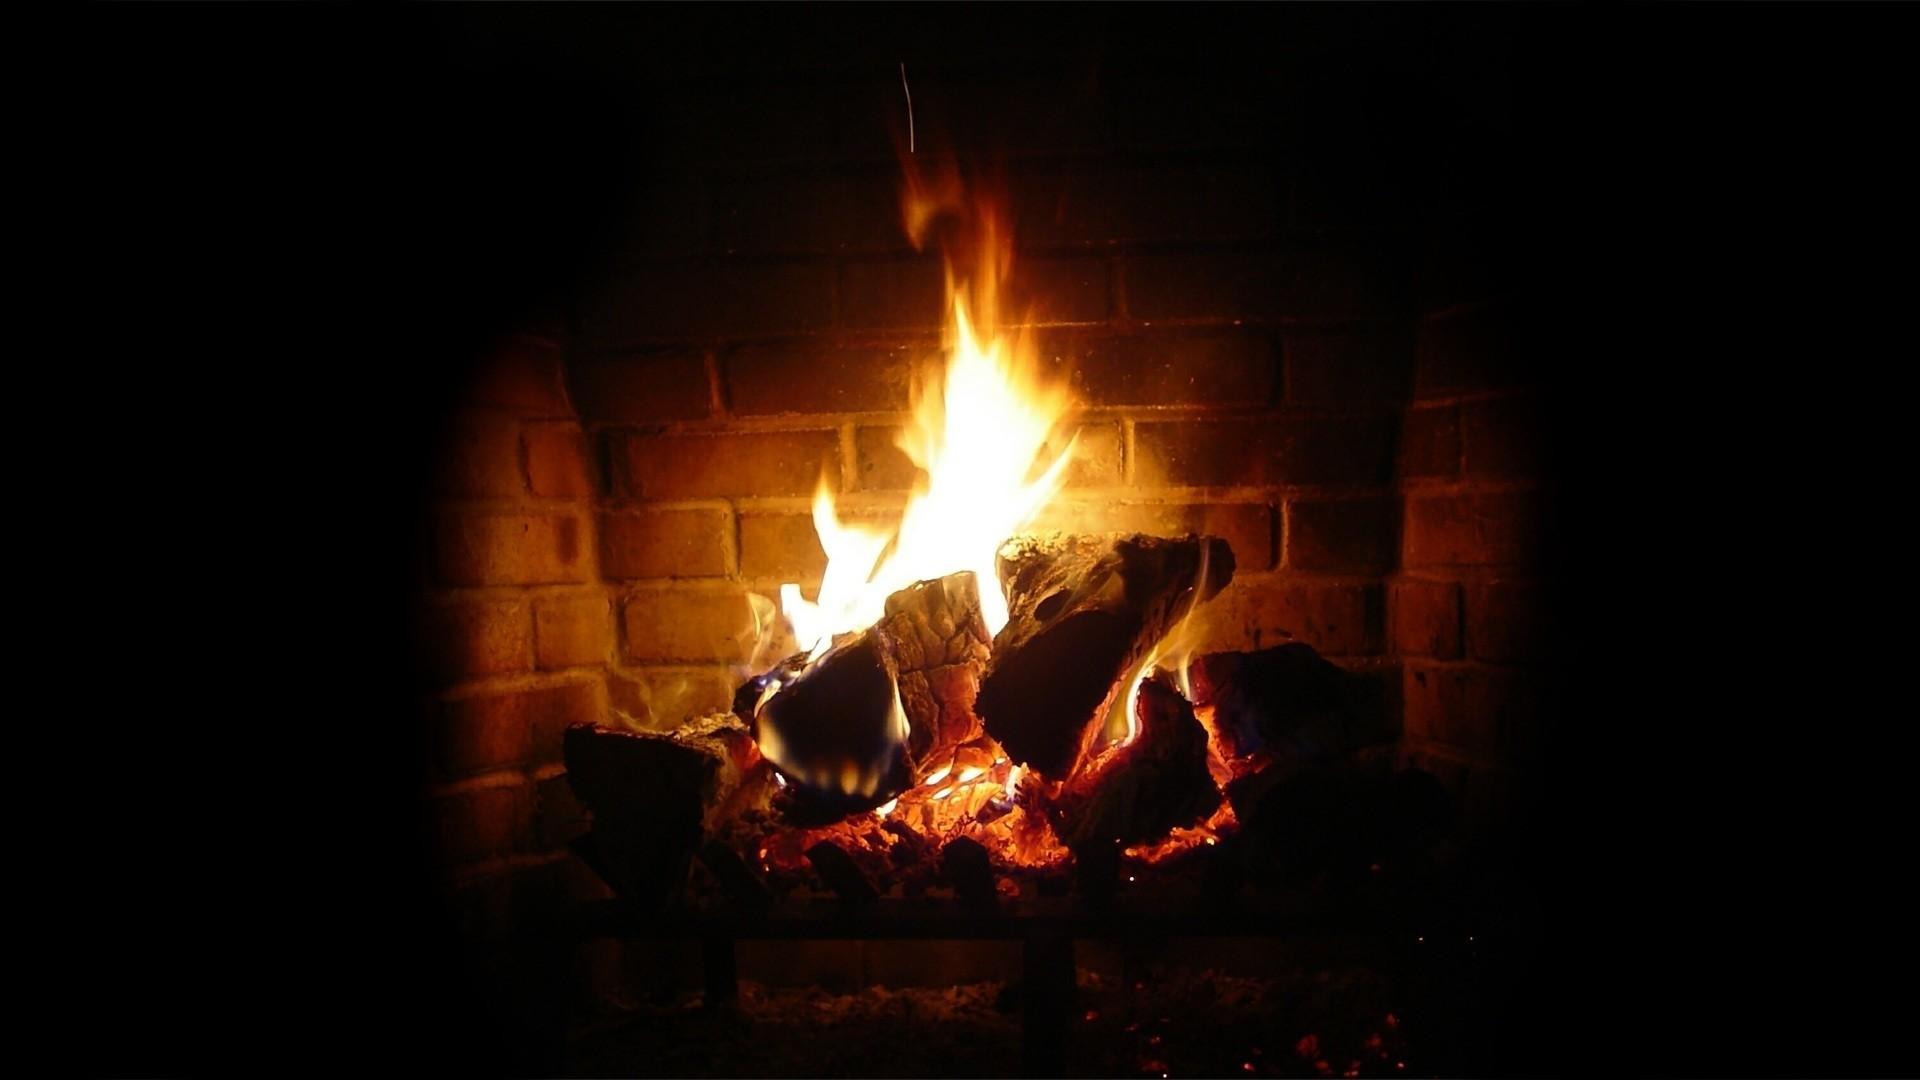 Fireplace Wallpaper image hd